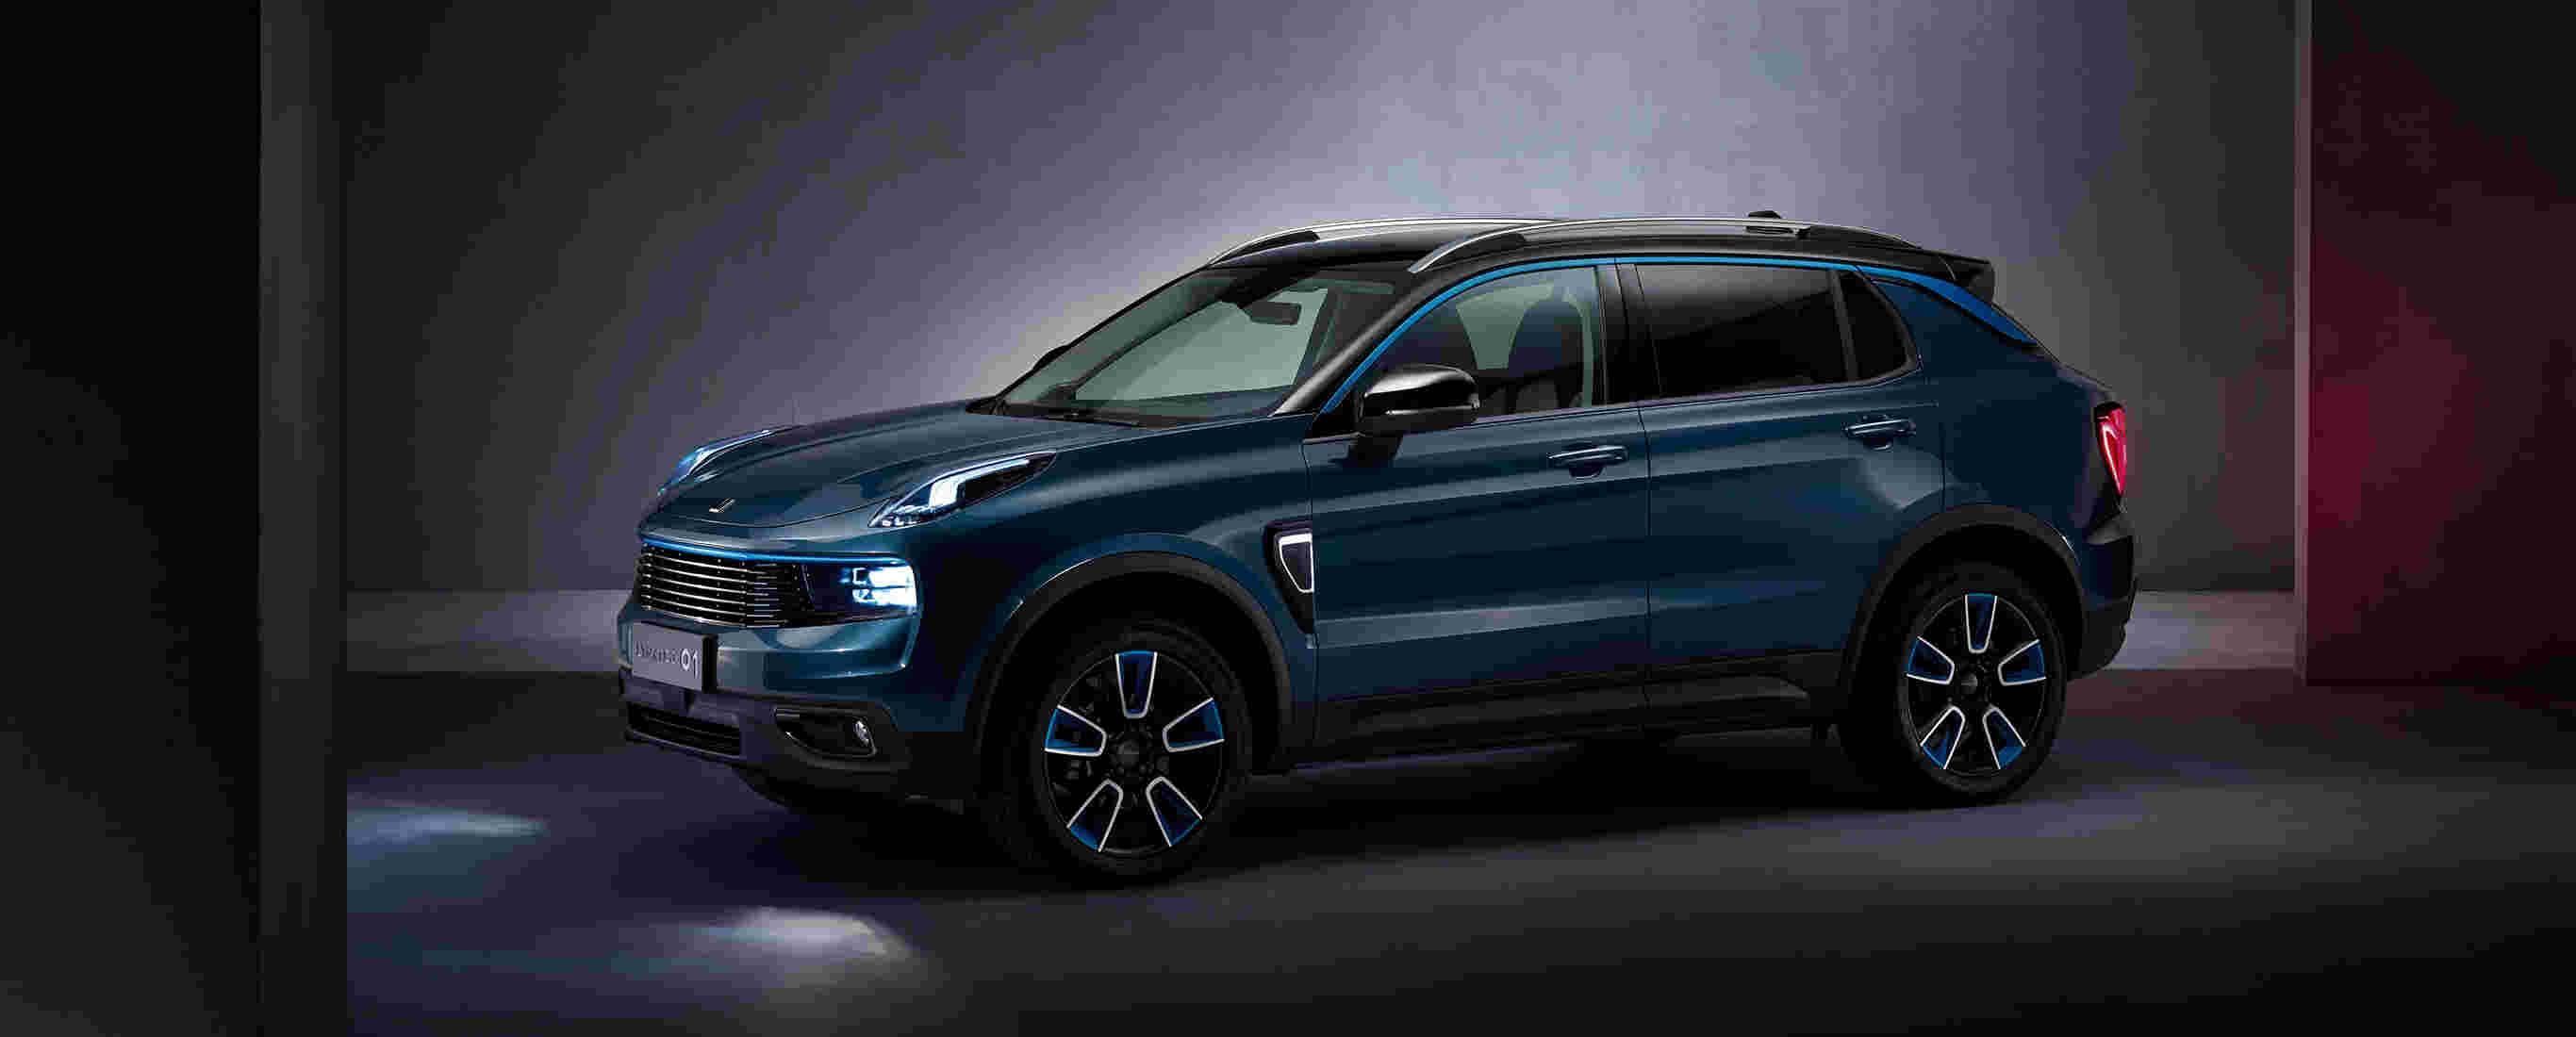 """领克首度曝光领克 01""""耀、型、劲、纯""""四种风格设计的车型信息,图为耀蓝Pro车型,为蓝色车身搭配了个性的黑色撞色车顶,衬托出了车型整体的前卫及时尚感.jpg"""